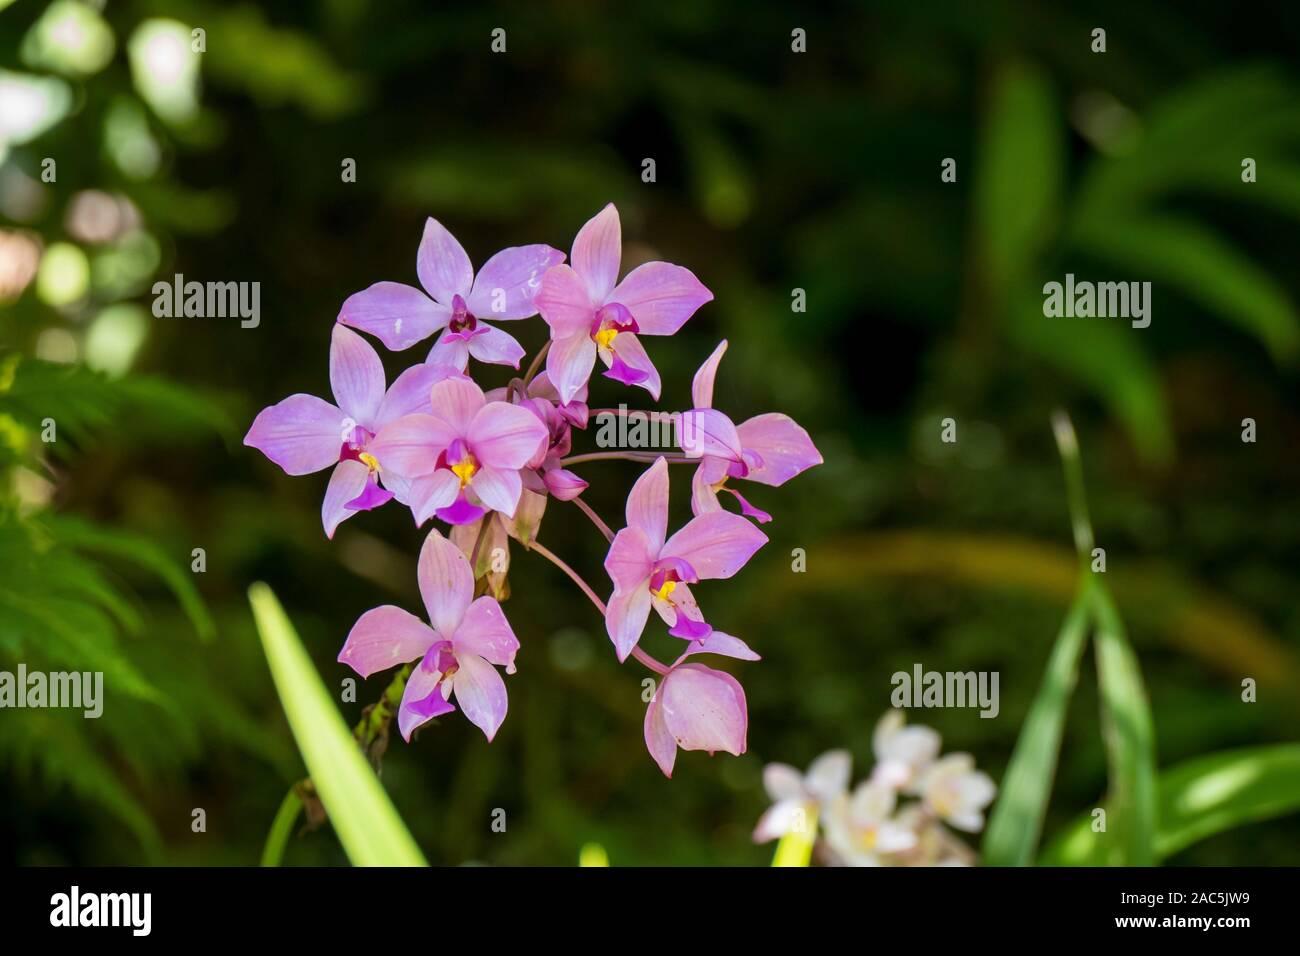 Delicadas orquídeas en Hawai jardín botánico tropical cerca de Bahía Onomea en Papa'ikou cerca de hilo, la Isla Grande de Hawai'i. Foto de stock